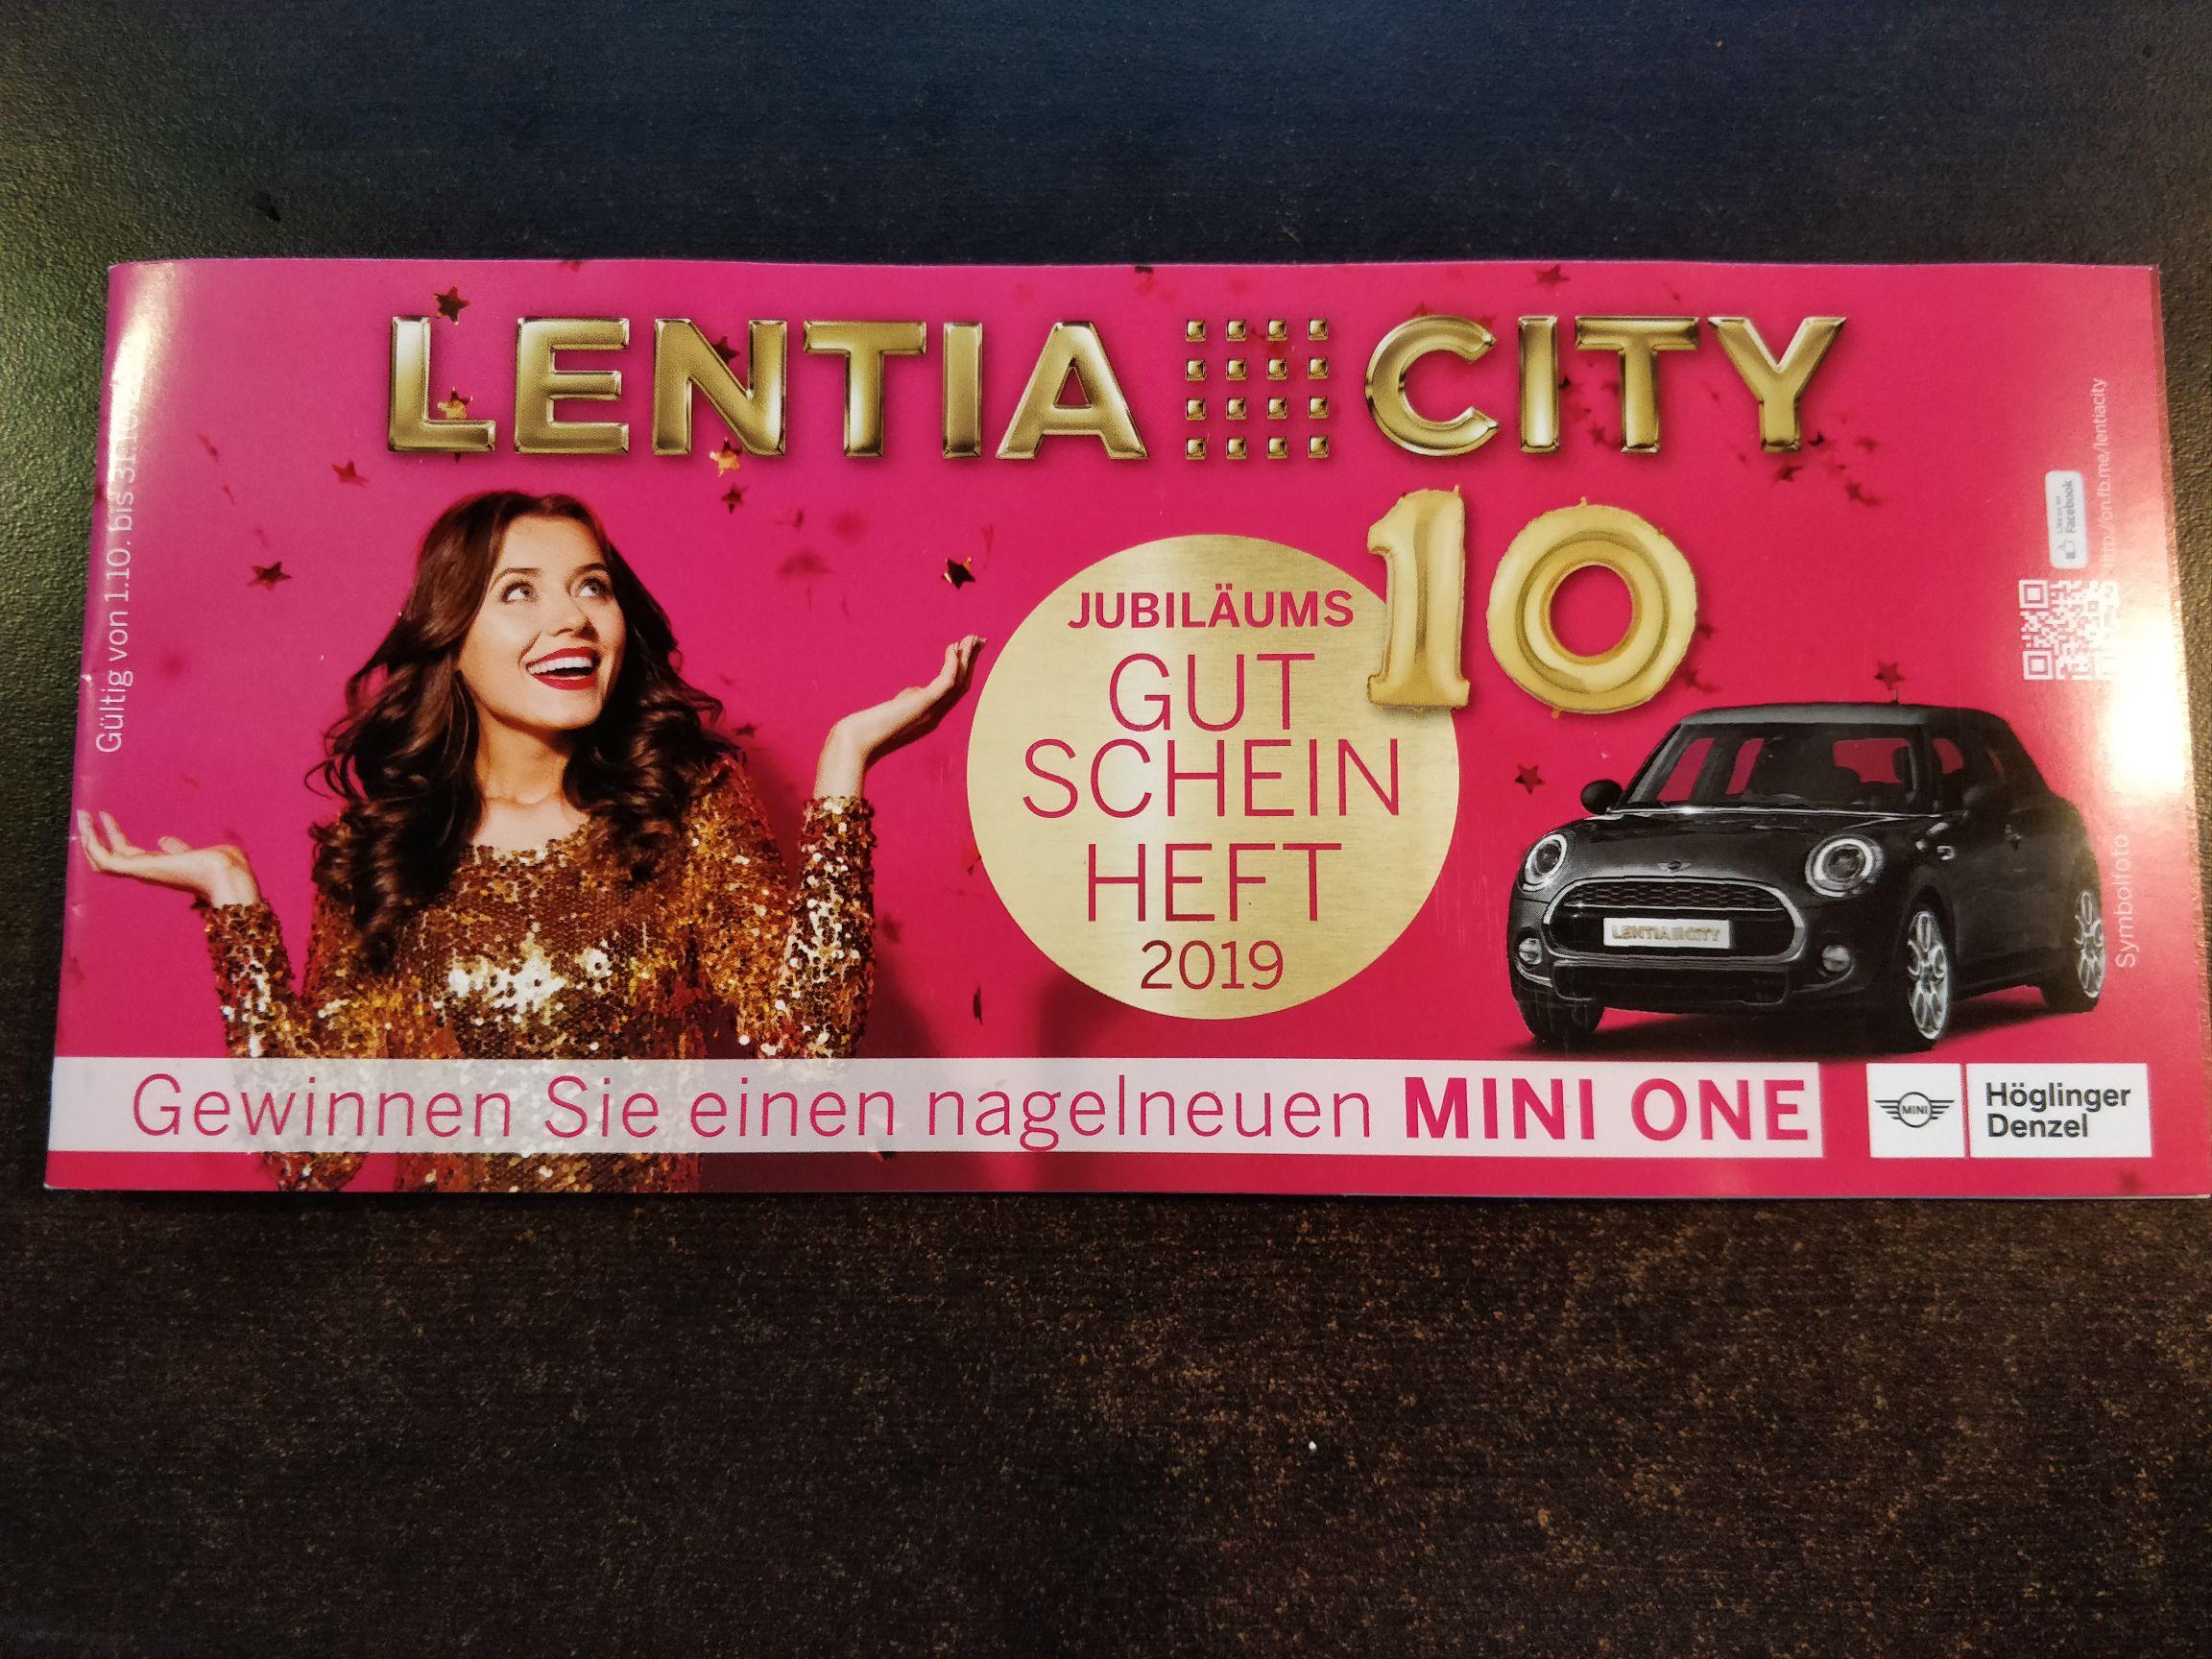 Lentiacity Linz Gutscheinheft